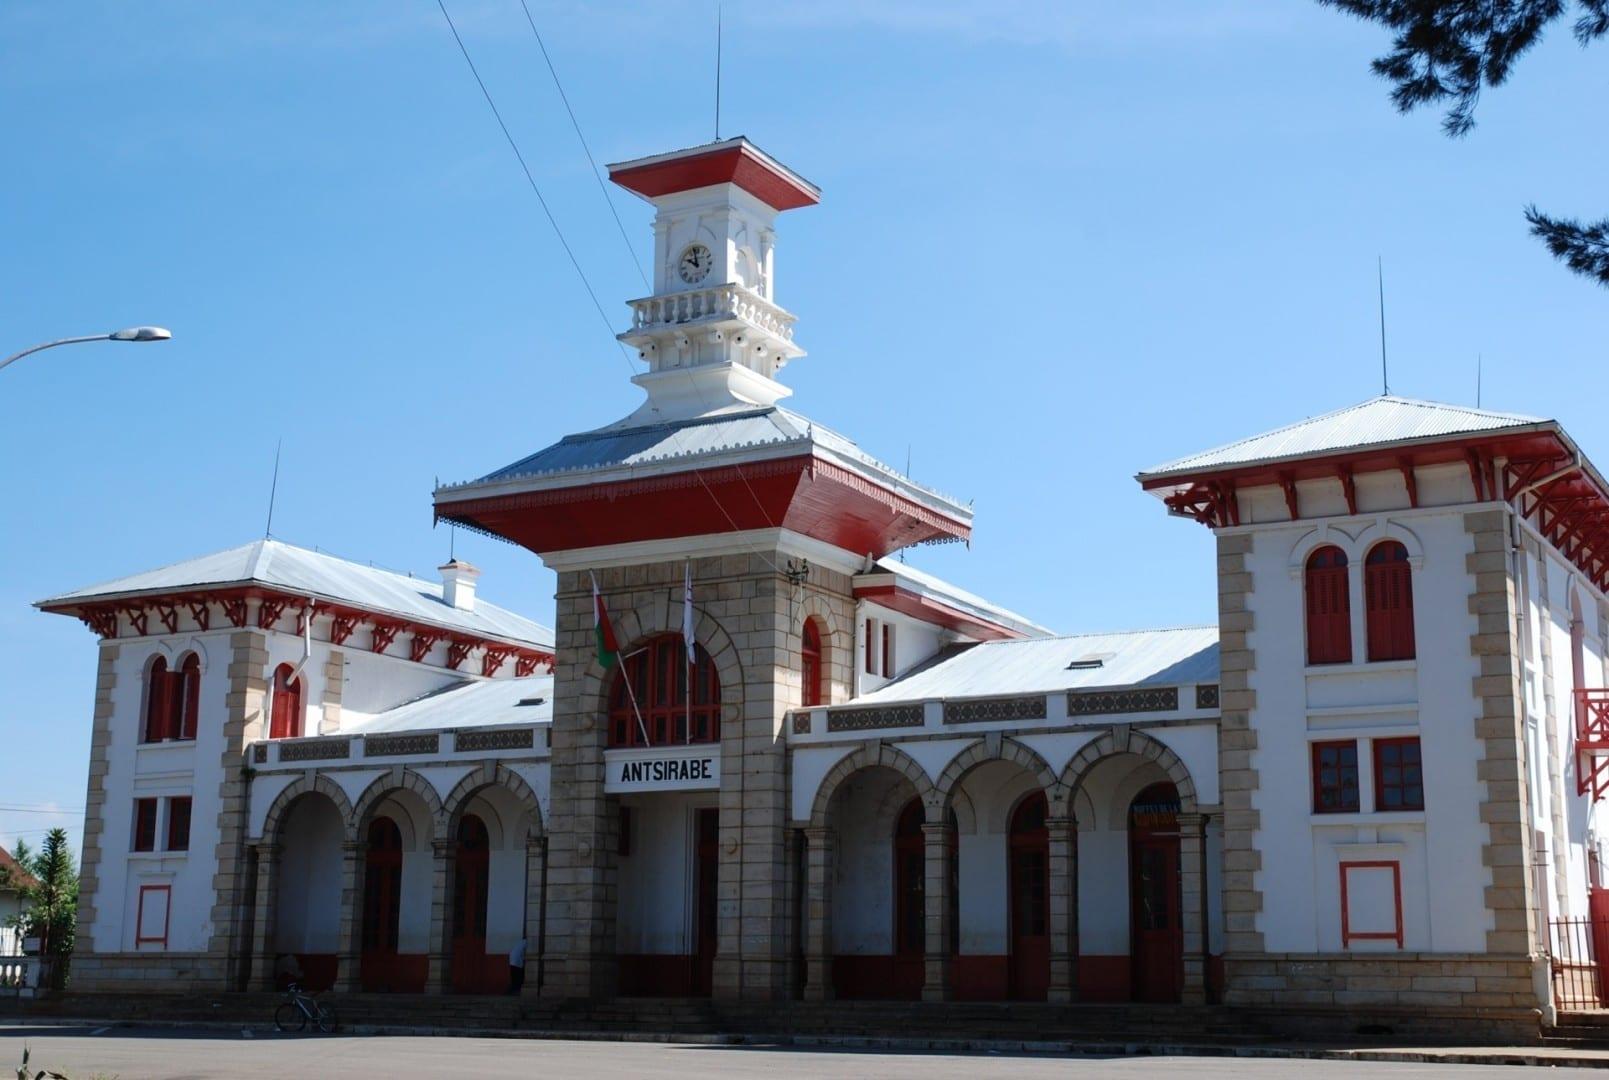 Estación de tren de Antsirabe Antsirabe Madagascar